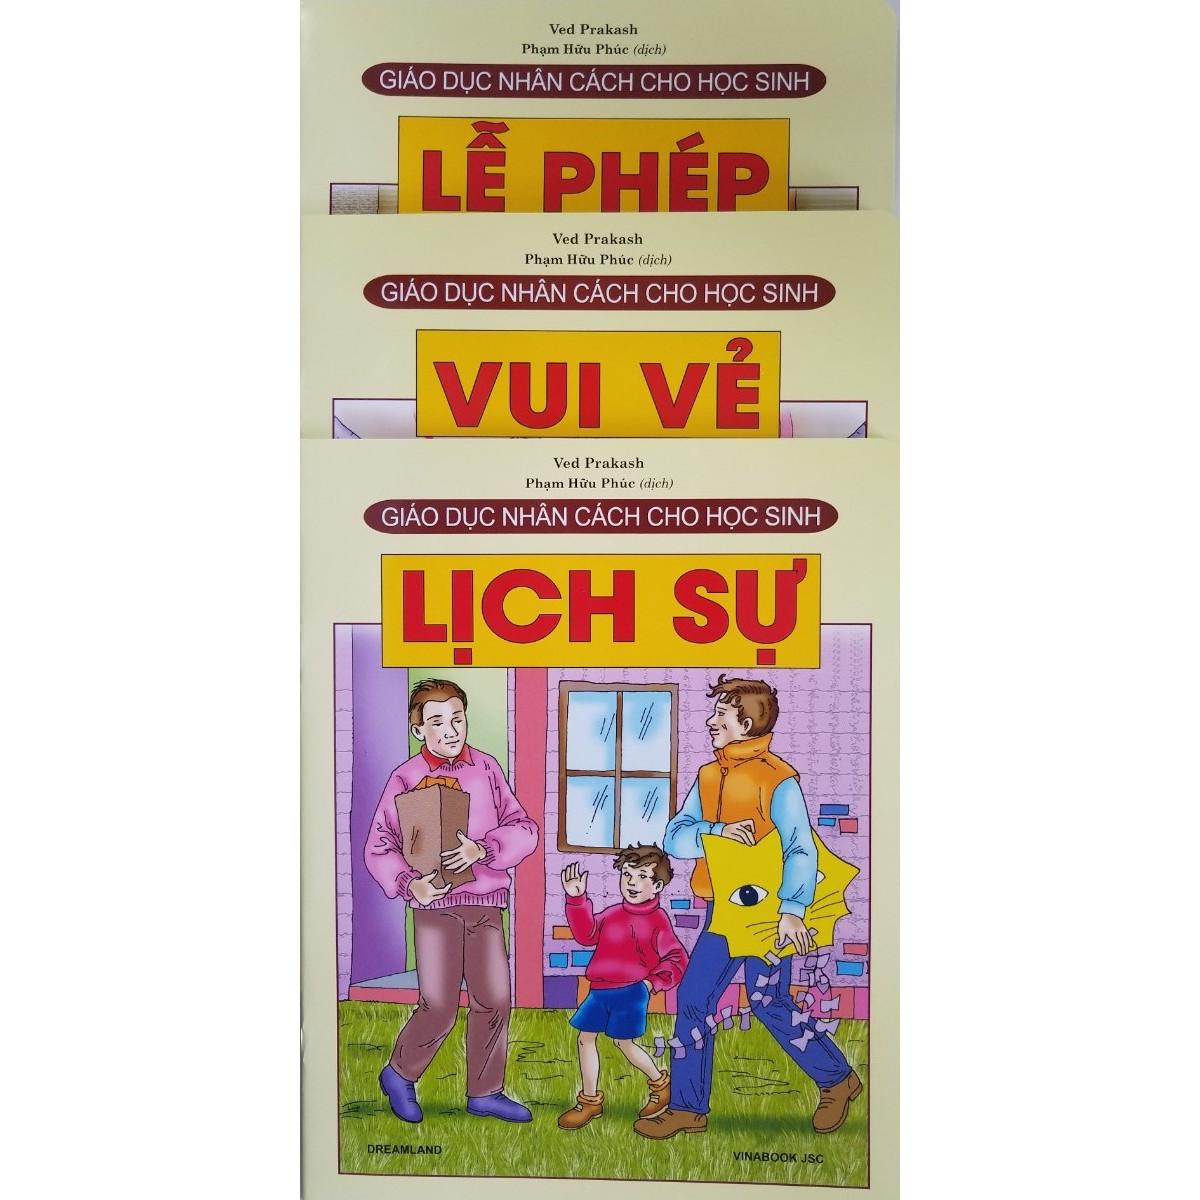 Combo Sách Giáo Dục Nhân Cách Cho Học Sinh (3 cuốn): Lễ Phép + Vui Vẻ + Lịch Sự